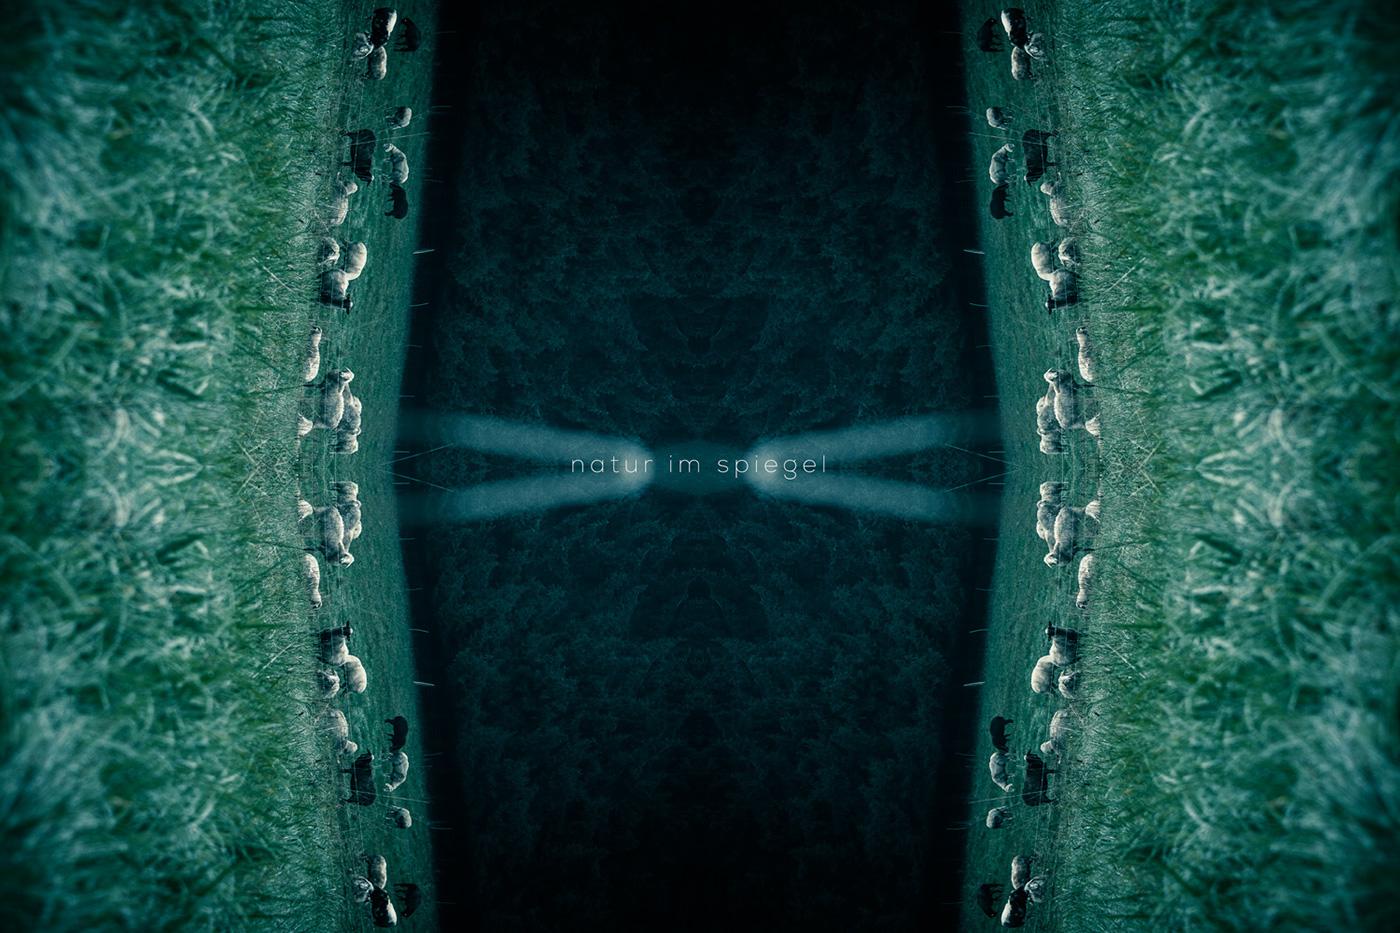 Natur im spiegel on behance for Spiegel digital download